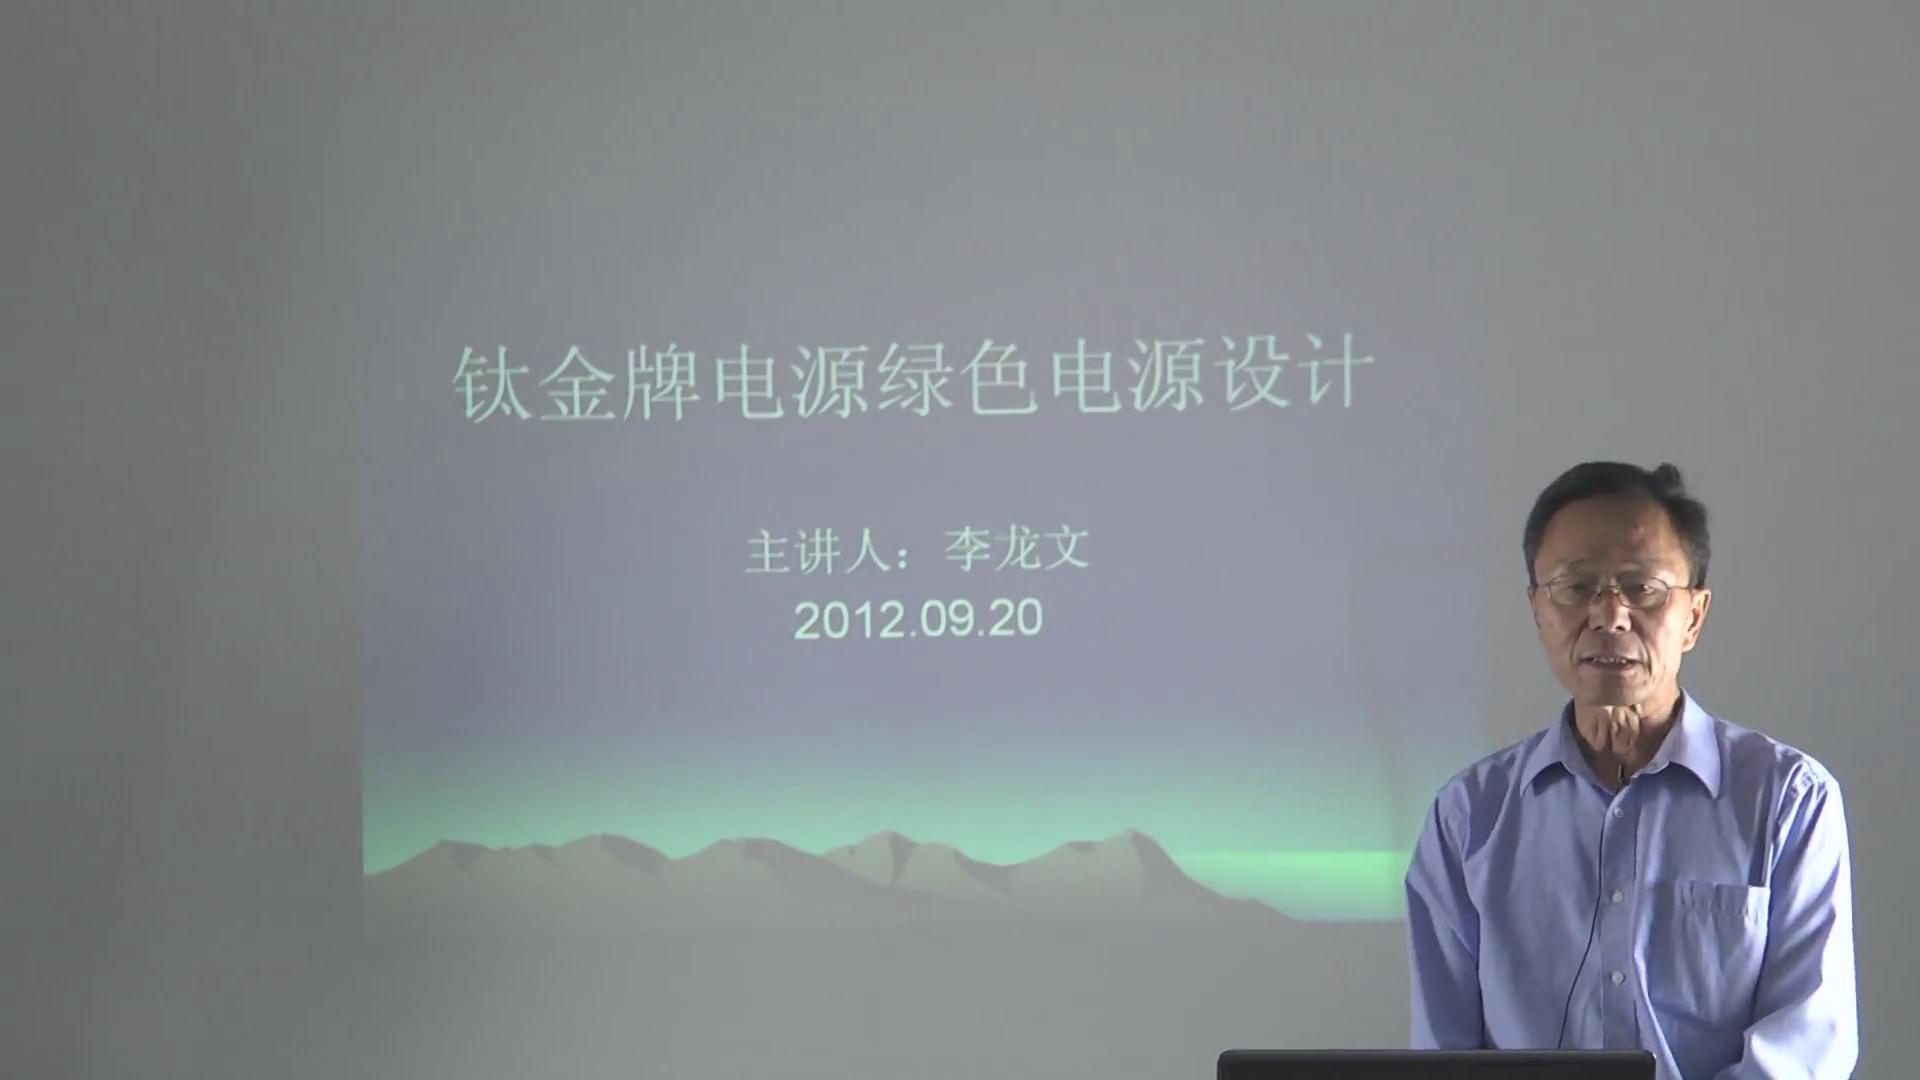 李龙文讲电源:钛金牌电源绿色电源设计